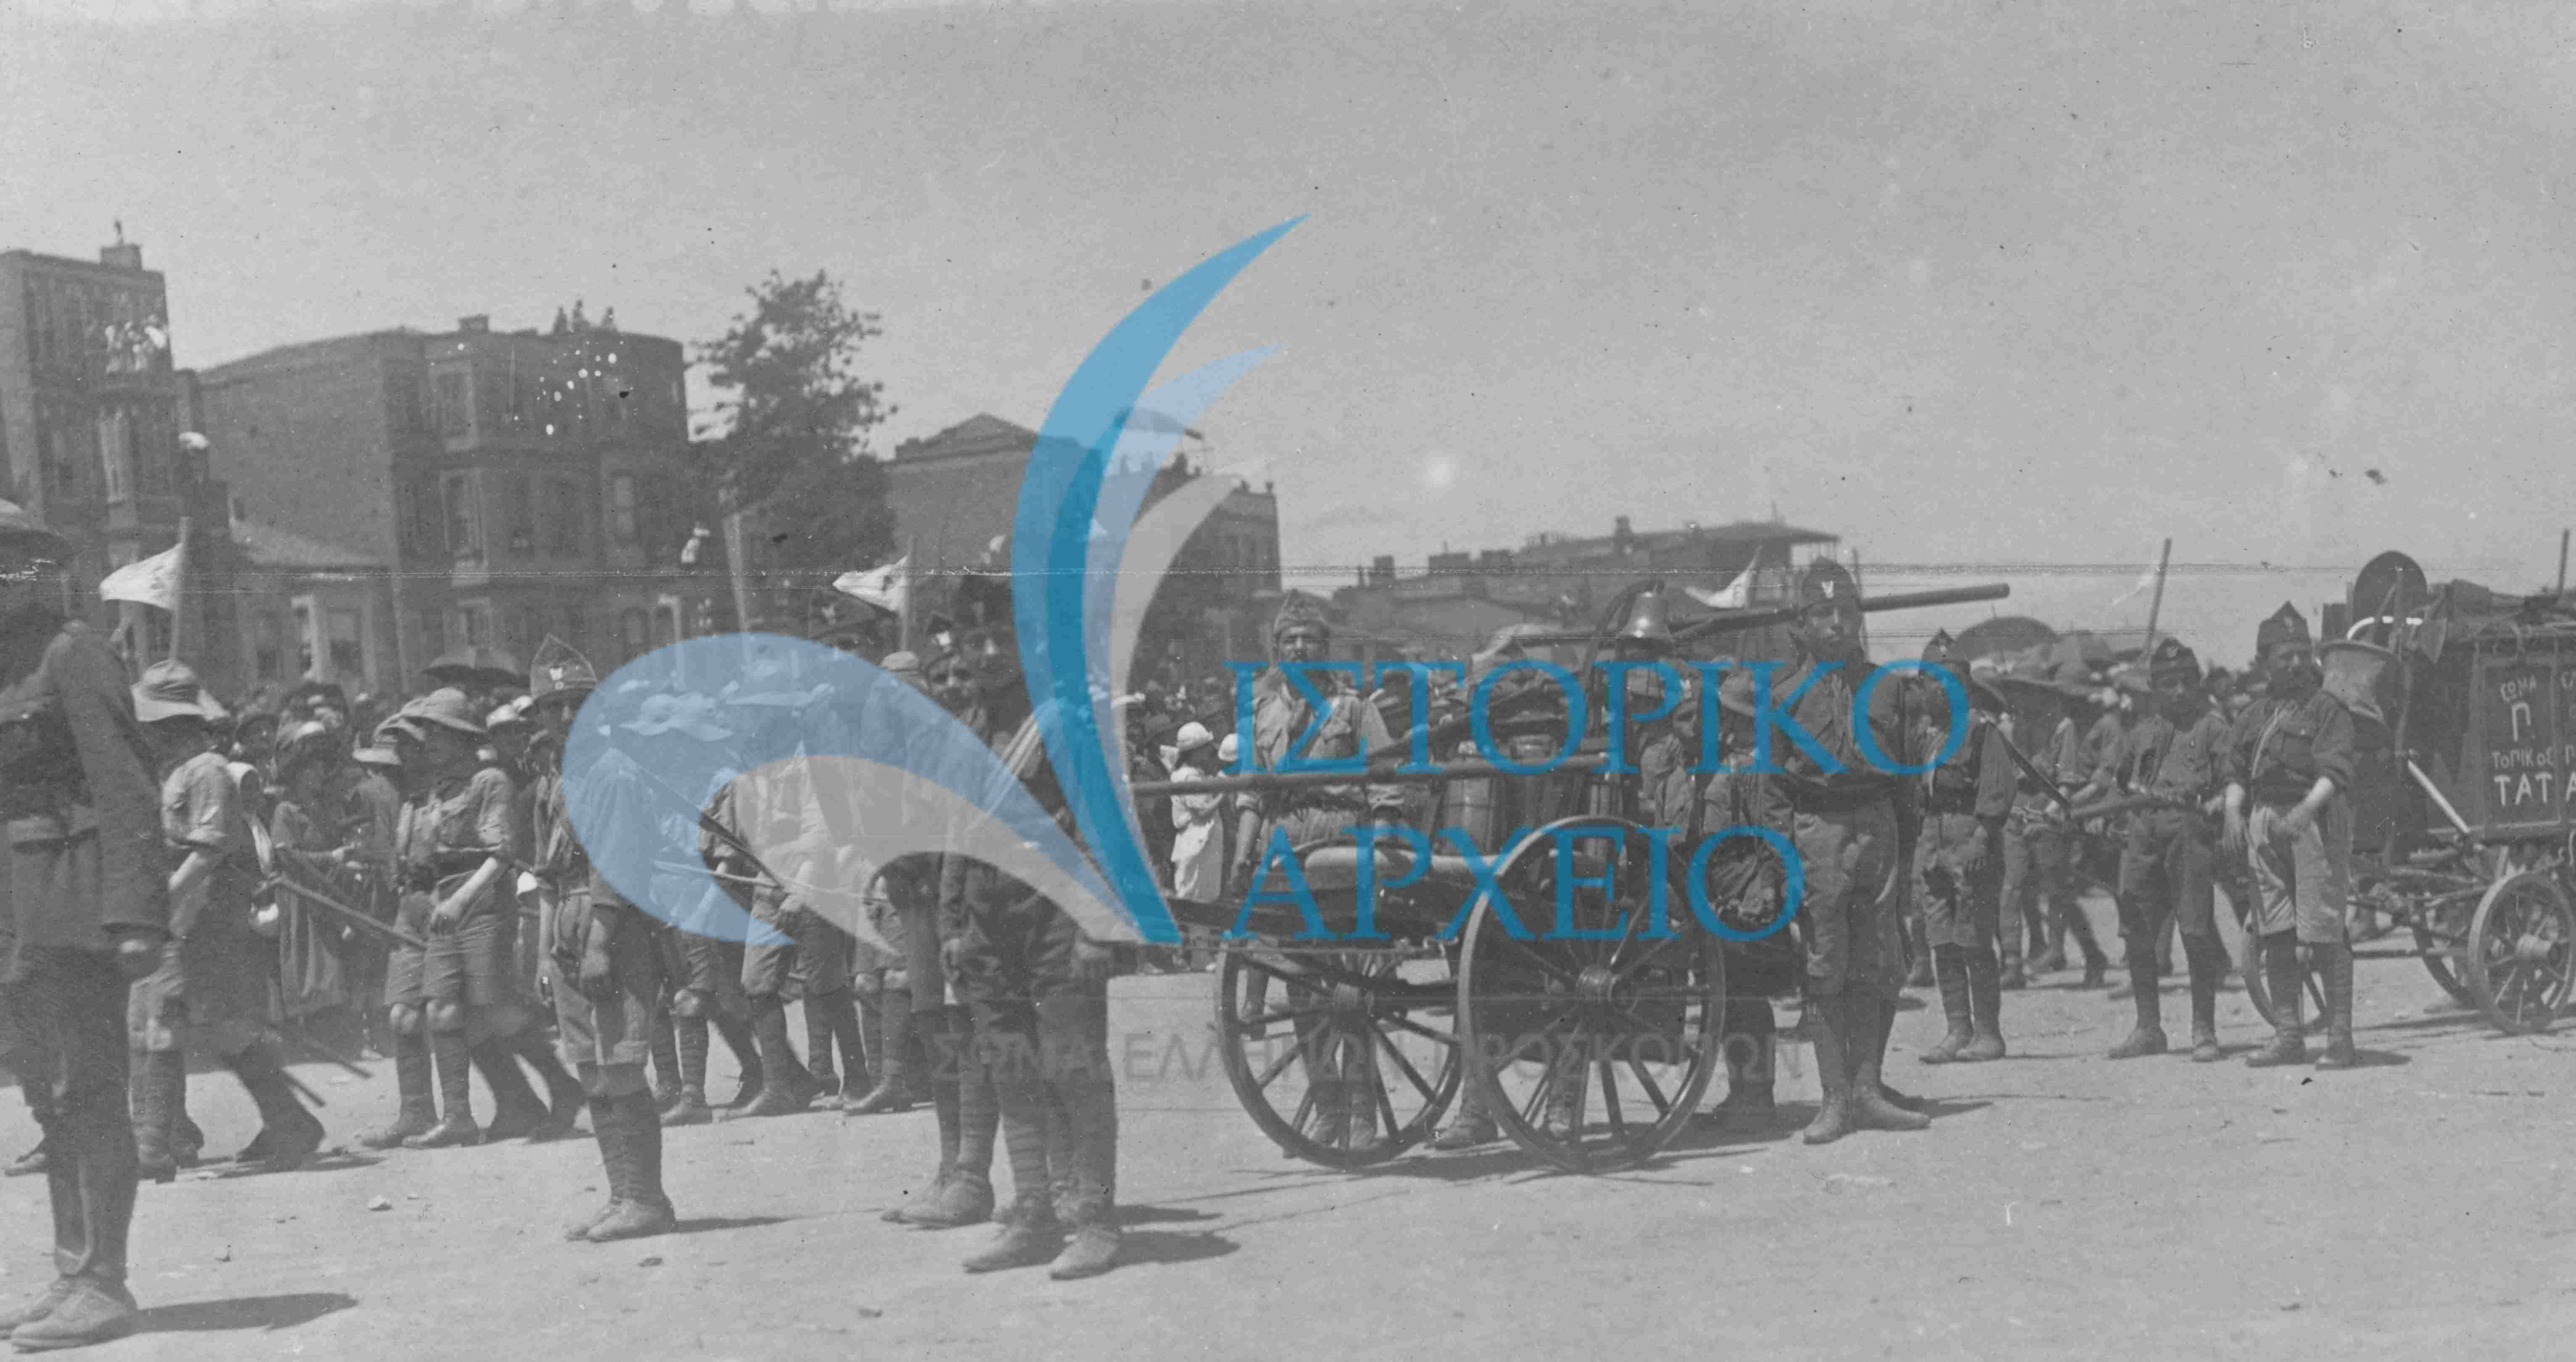 Φωτογραφίες από τις ομάδες ελλήνων προσκόπων που δραστηριοποιήθηκαν στη περιοχή της Κωνσταντινούπολης.